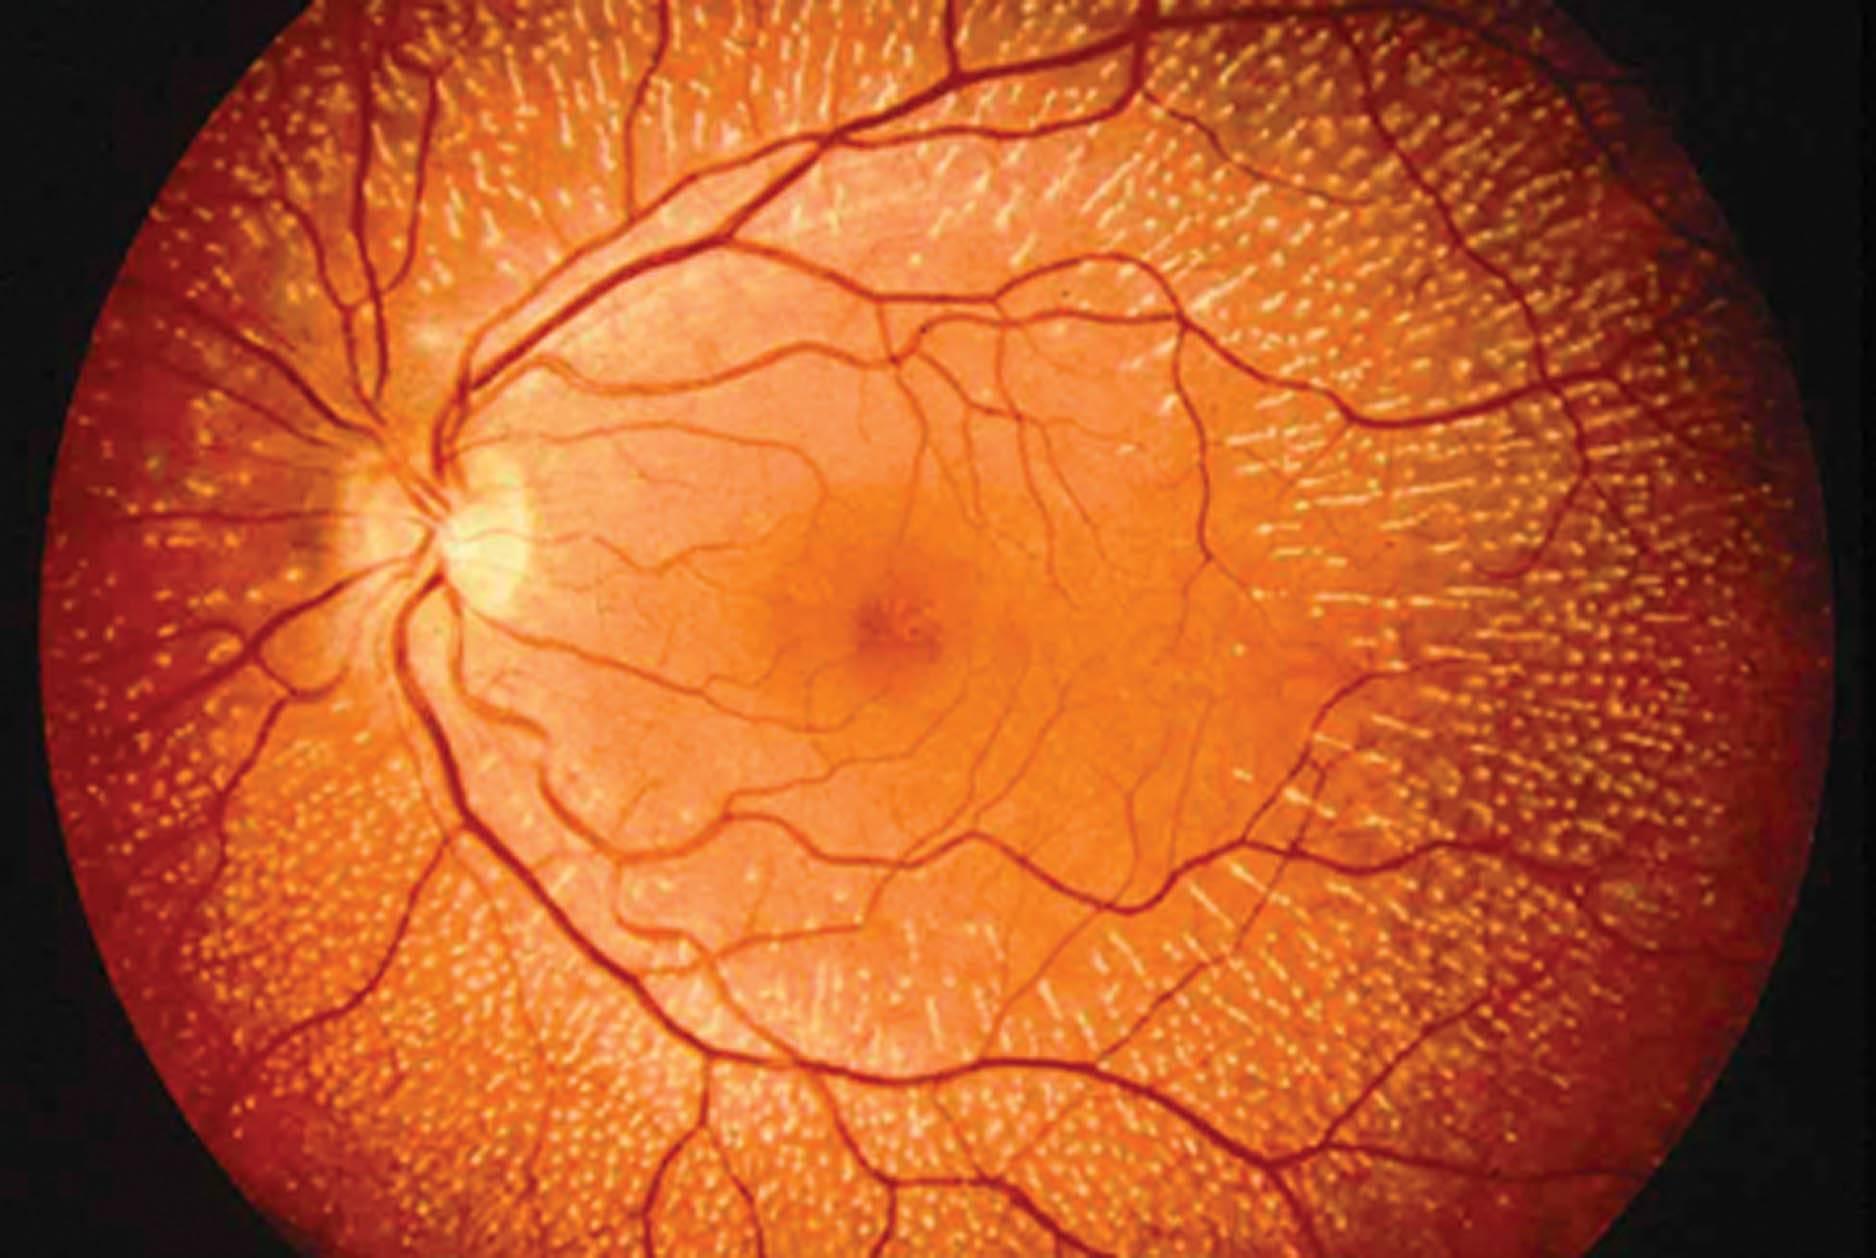 сетчатки глаза